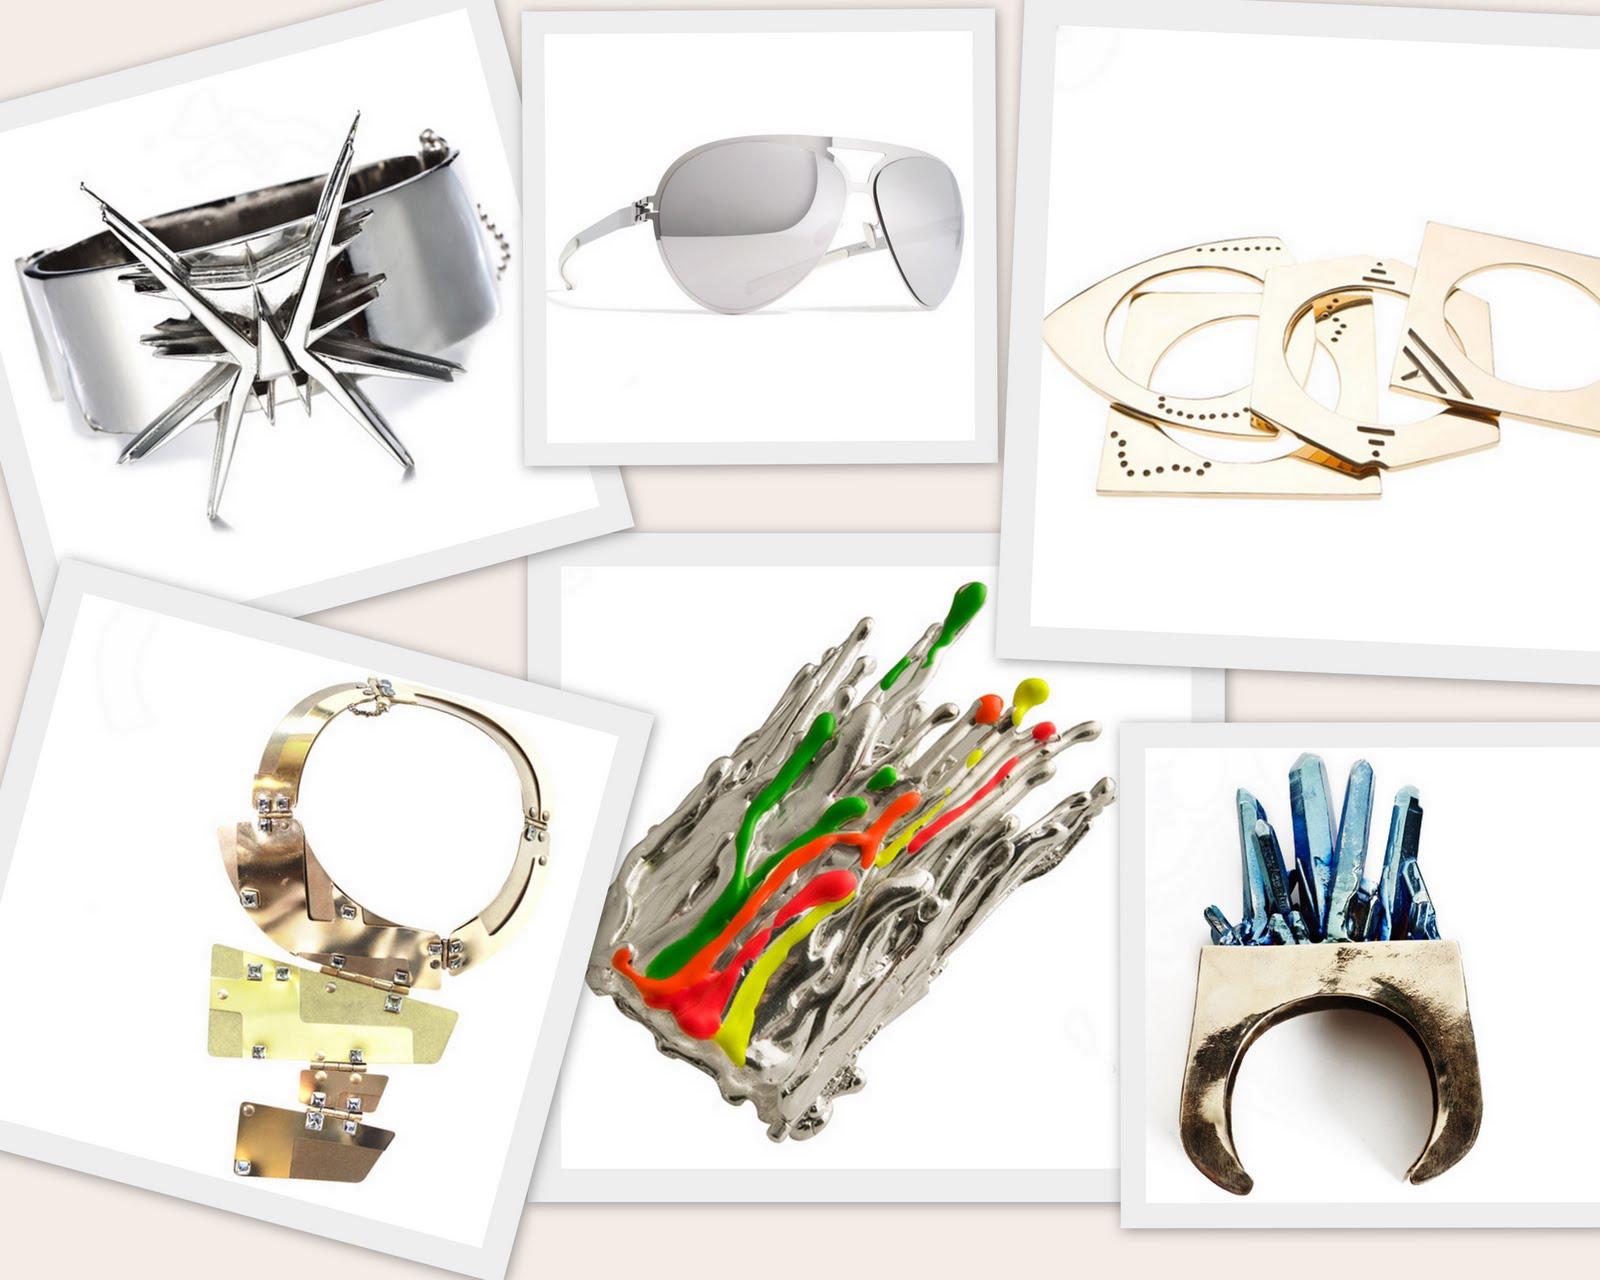 http://4.bp.blogspot.com/-m2tjQ6Q9DJk/Ti2Wqj6vOmI/AAAAAAAAErg/wsMXwDPyKJo/s1600/T1-+metal+objects.jpg